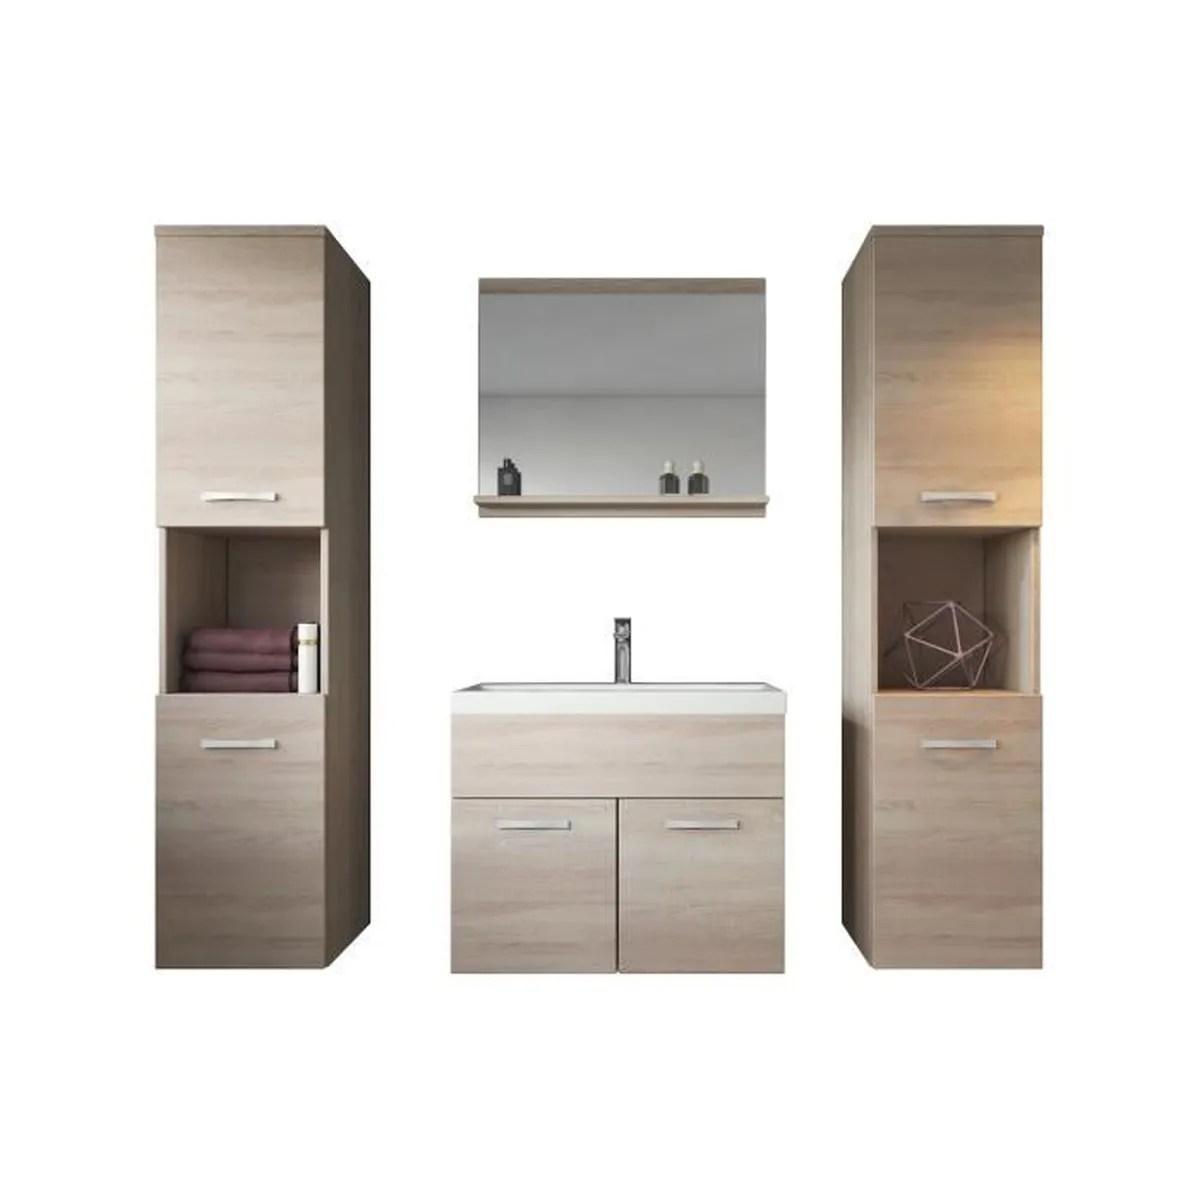 Meuble de salle de bain de Montral XL 60 cm bassin en bois chne clair sonoma  Armoire de